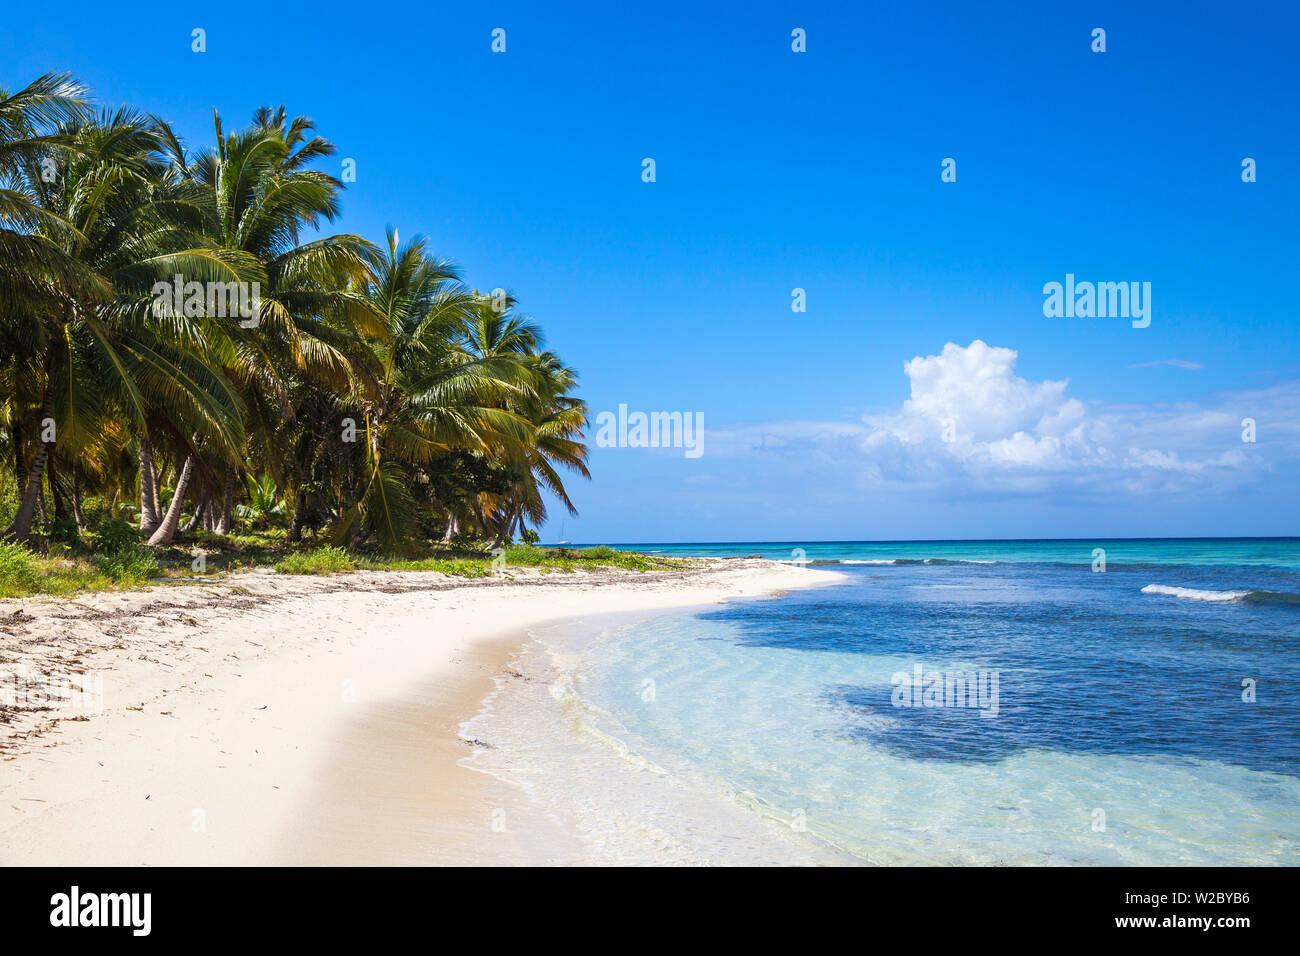 República Dominicana, Punta Cana, Parque Nacional del Este, Isla Saona, Playa Catuano Foto de stock